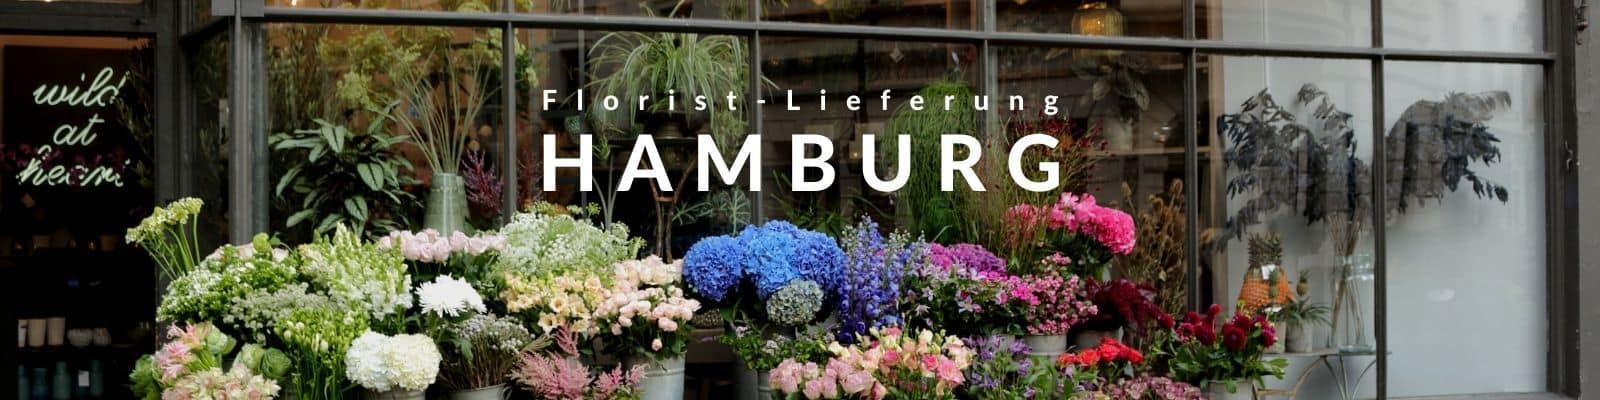 Blumen verschicken Hamburg - Blumenversand Express